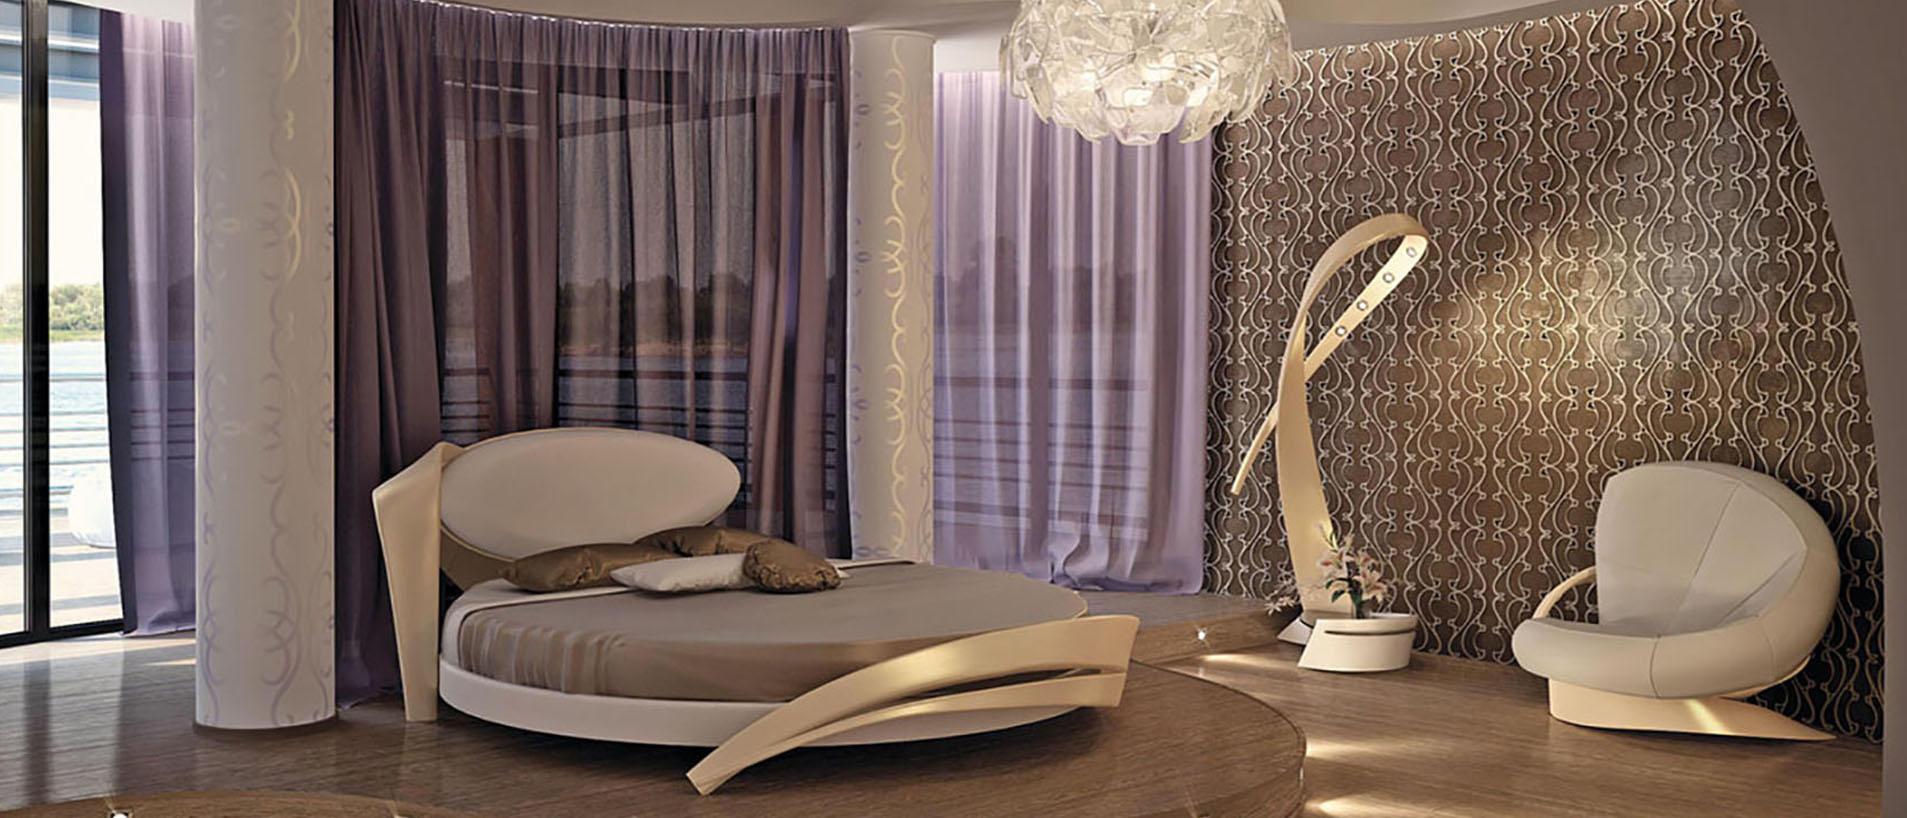 Коричневая спальня с сиреневым акцентом